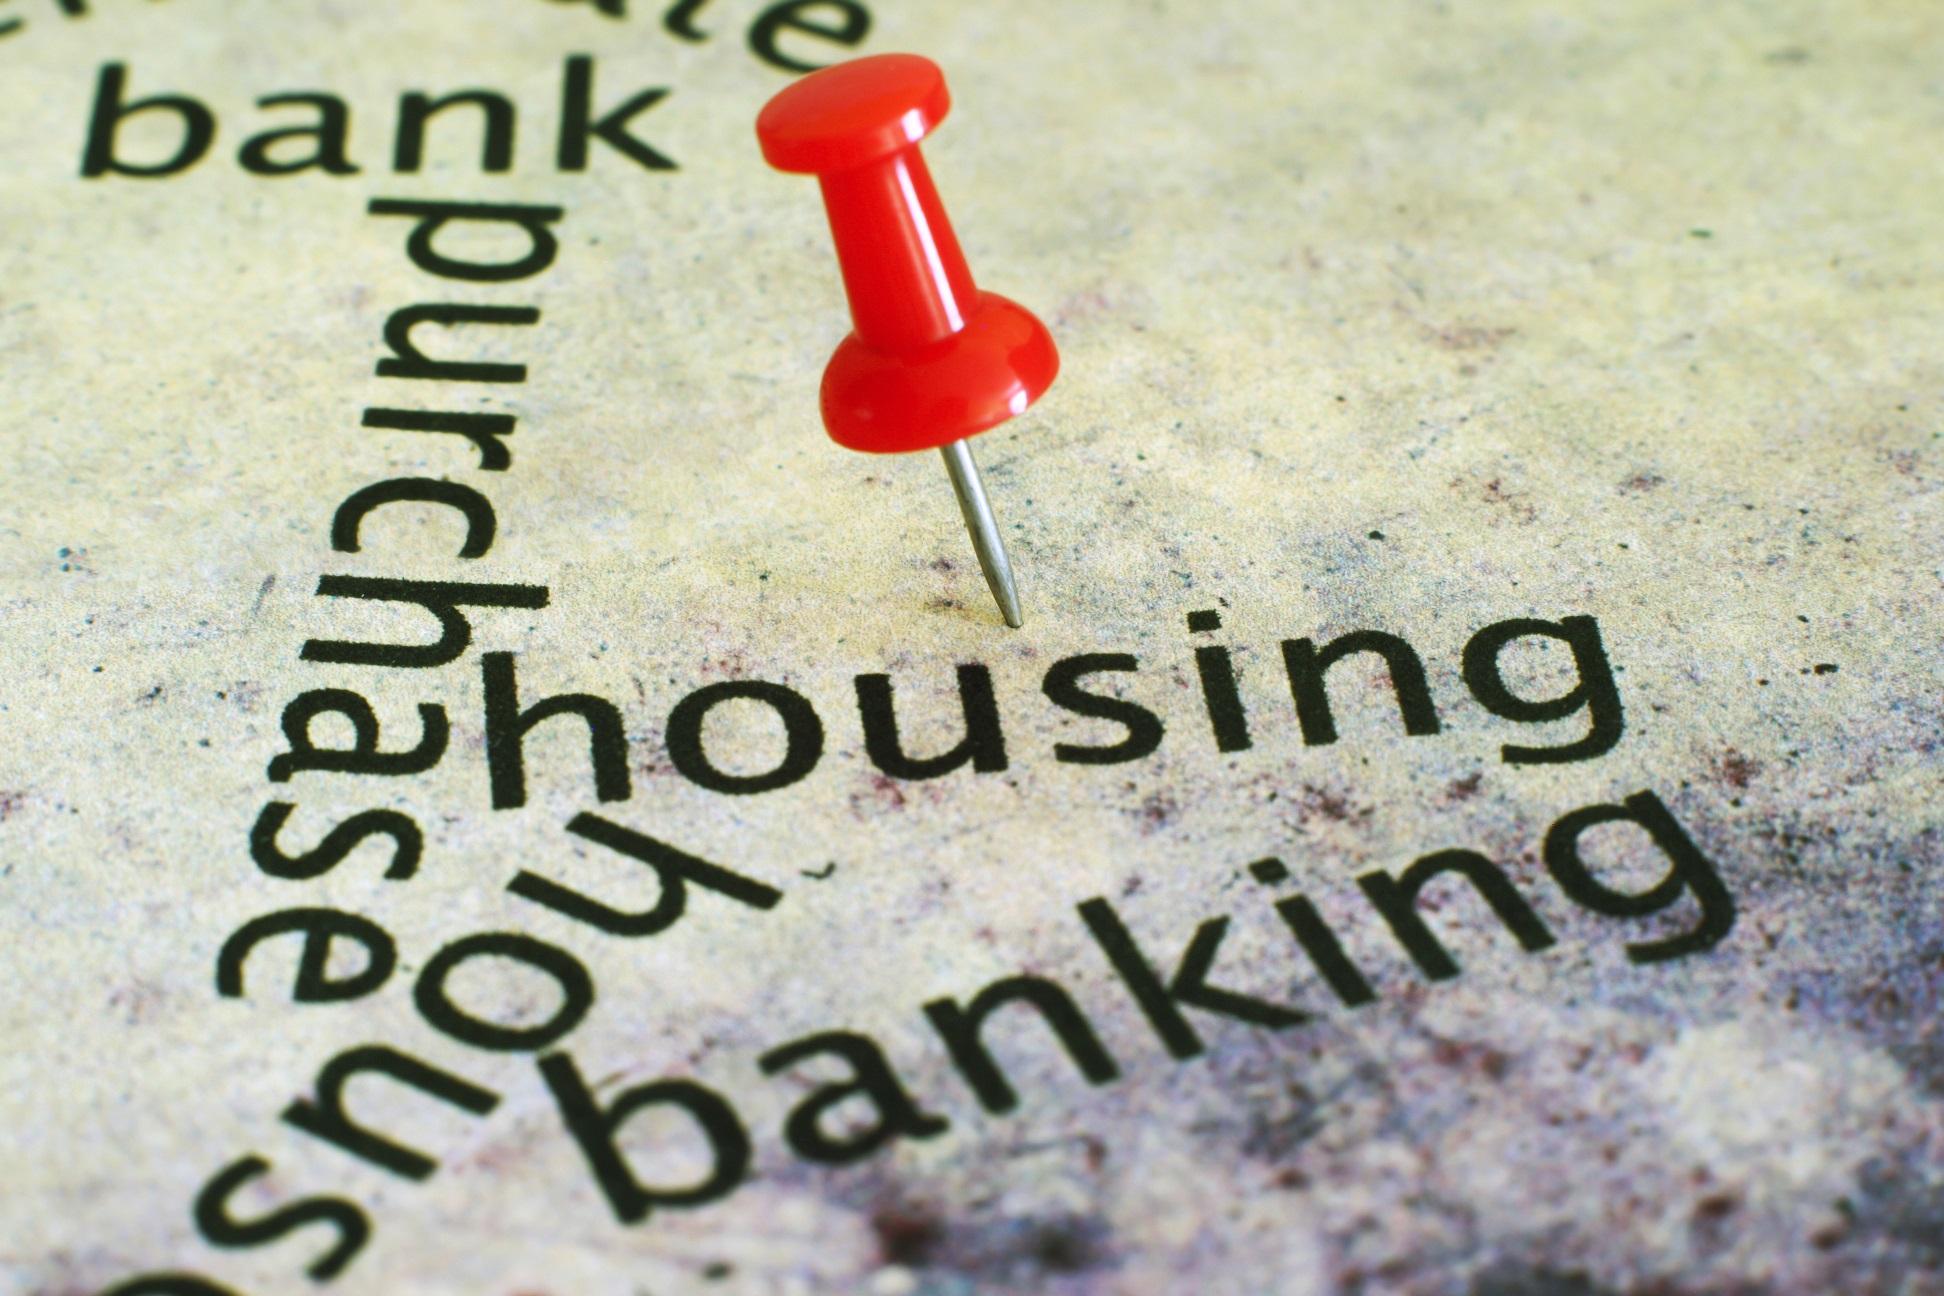 immobilier immobilier Crypto monnaies ou immobilier, comment bien Investir ? housing fJ0DL Pu